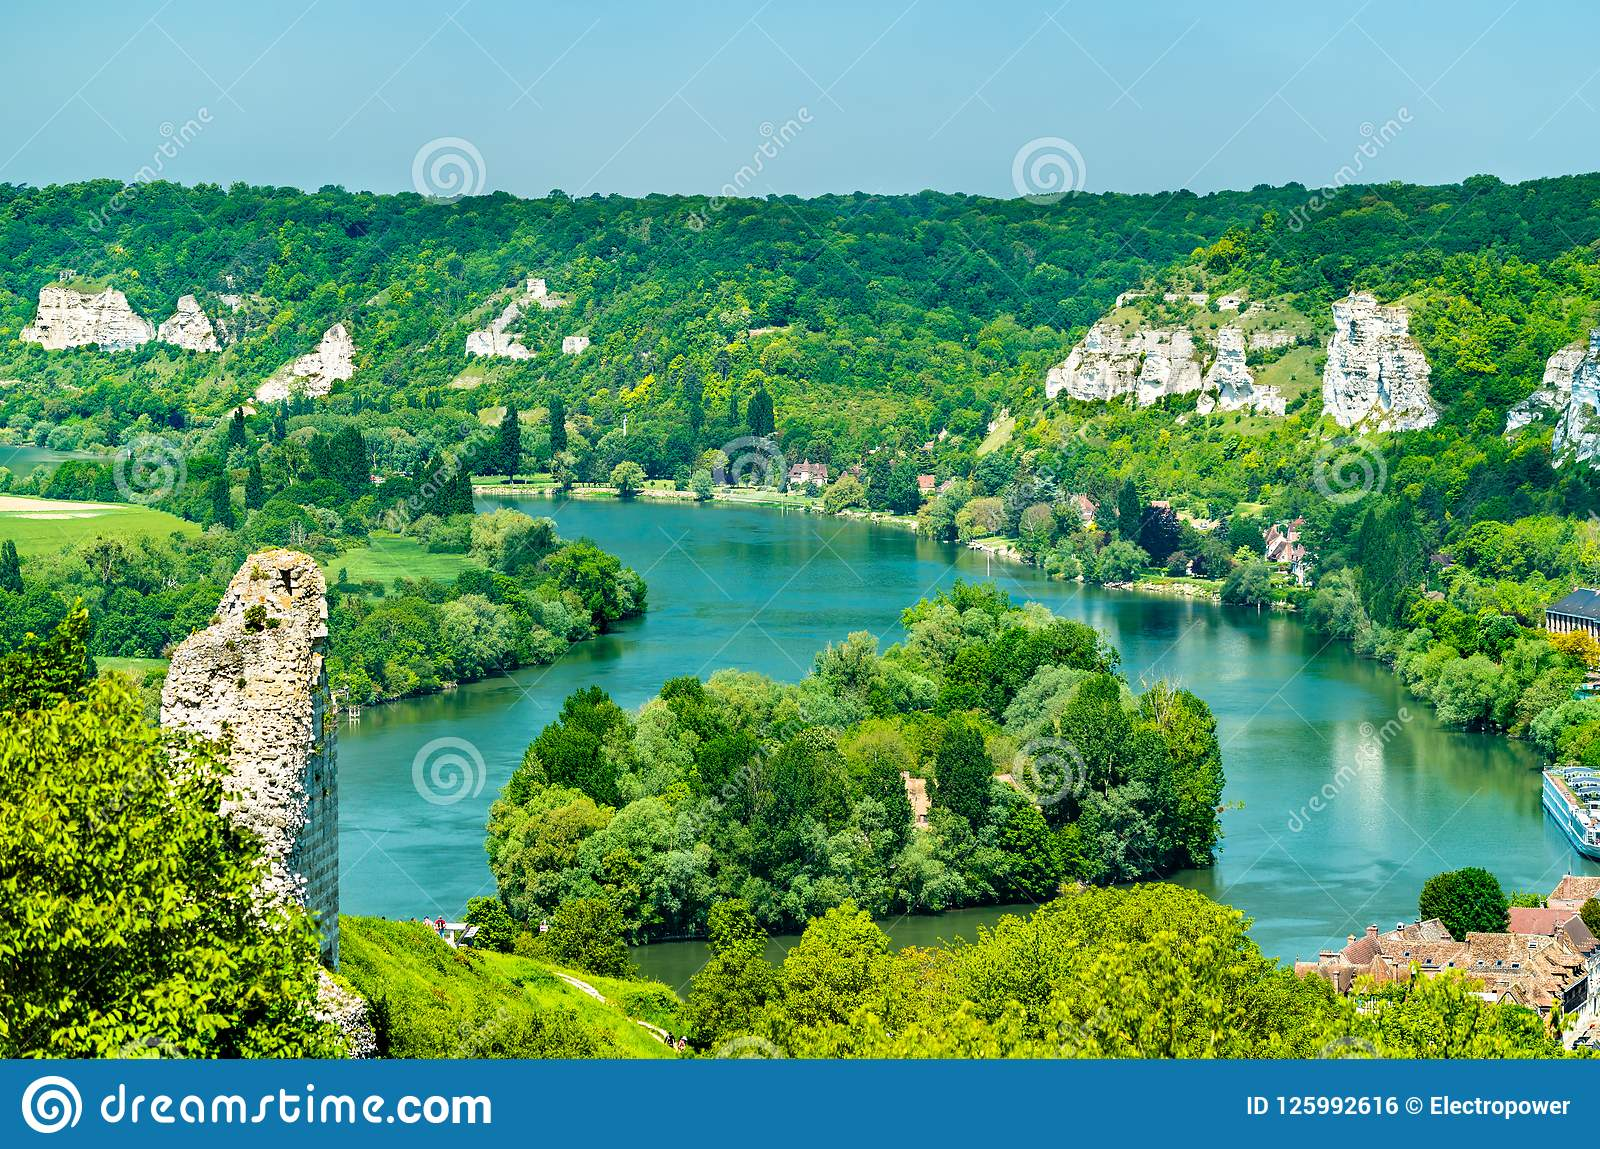 Vista della Senna a Les Andelys in Normandia, Francia